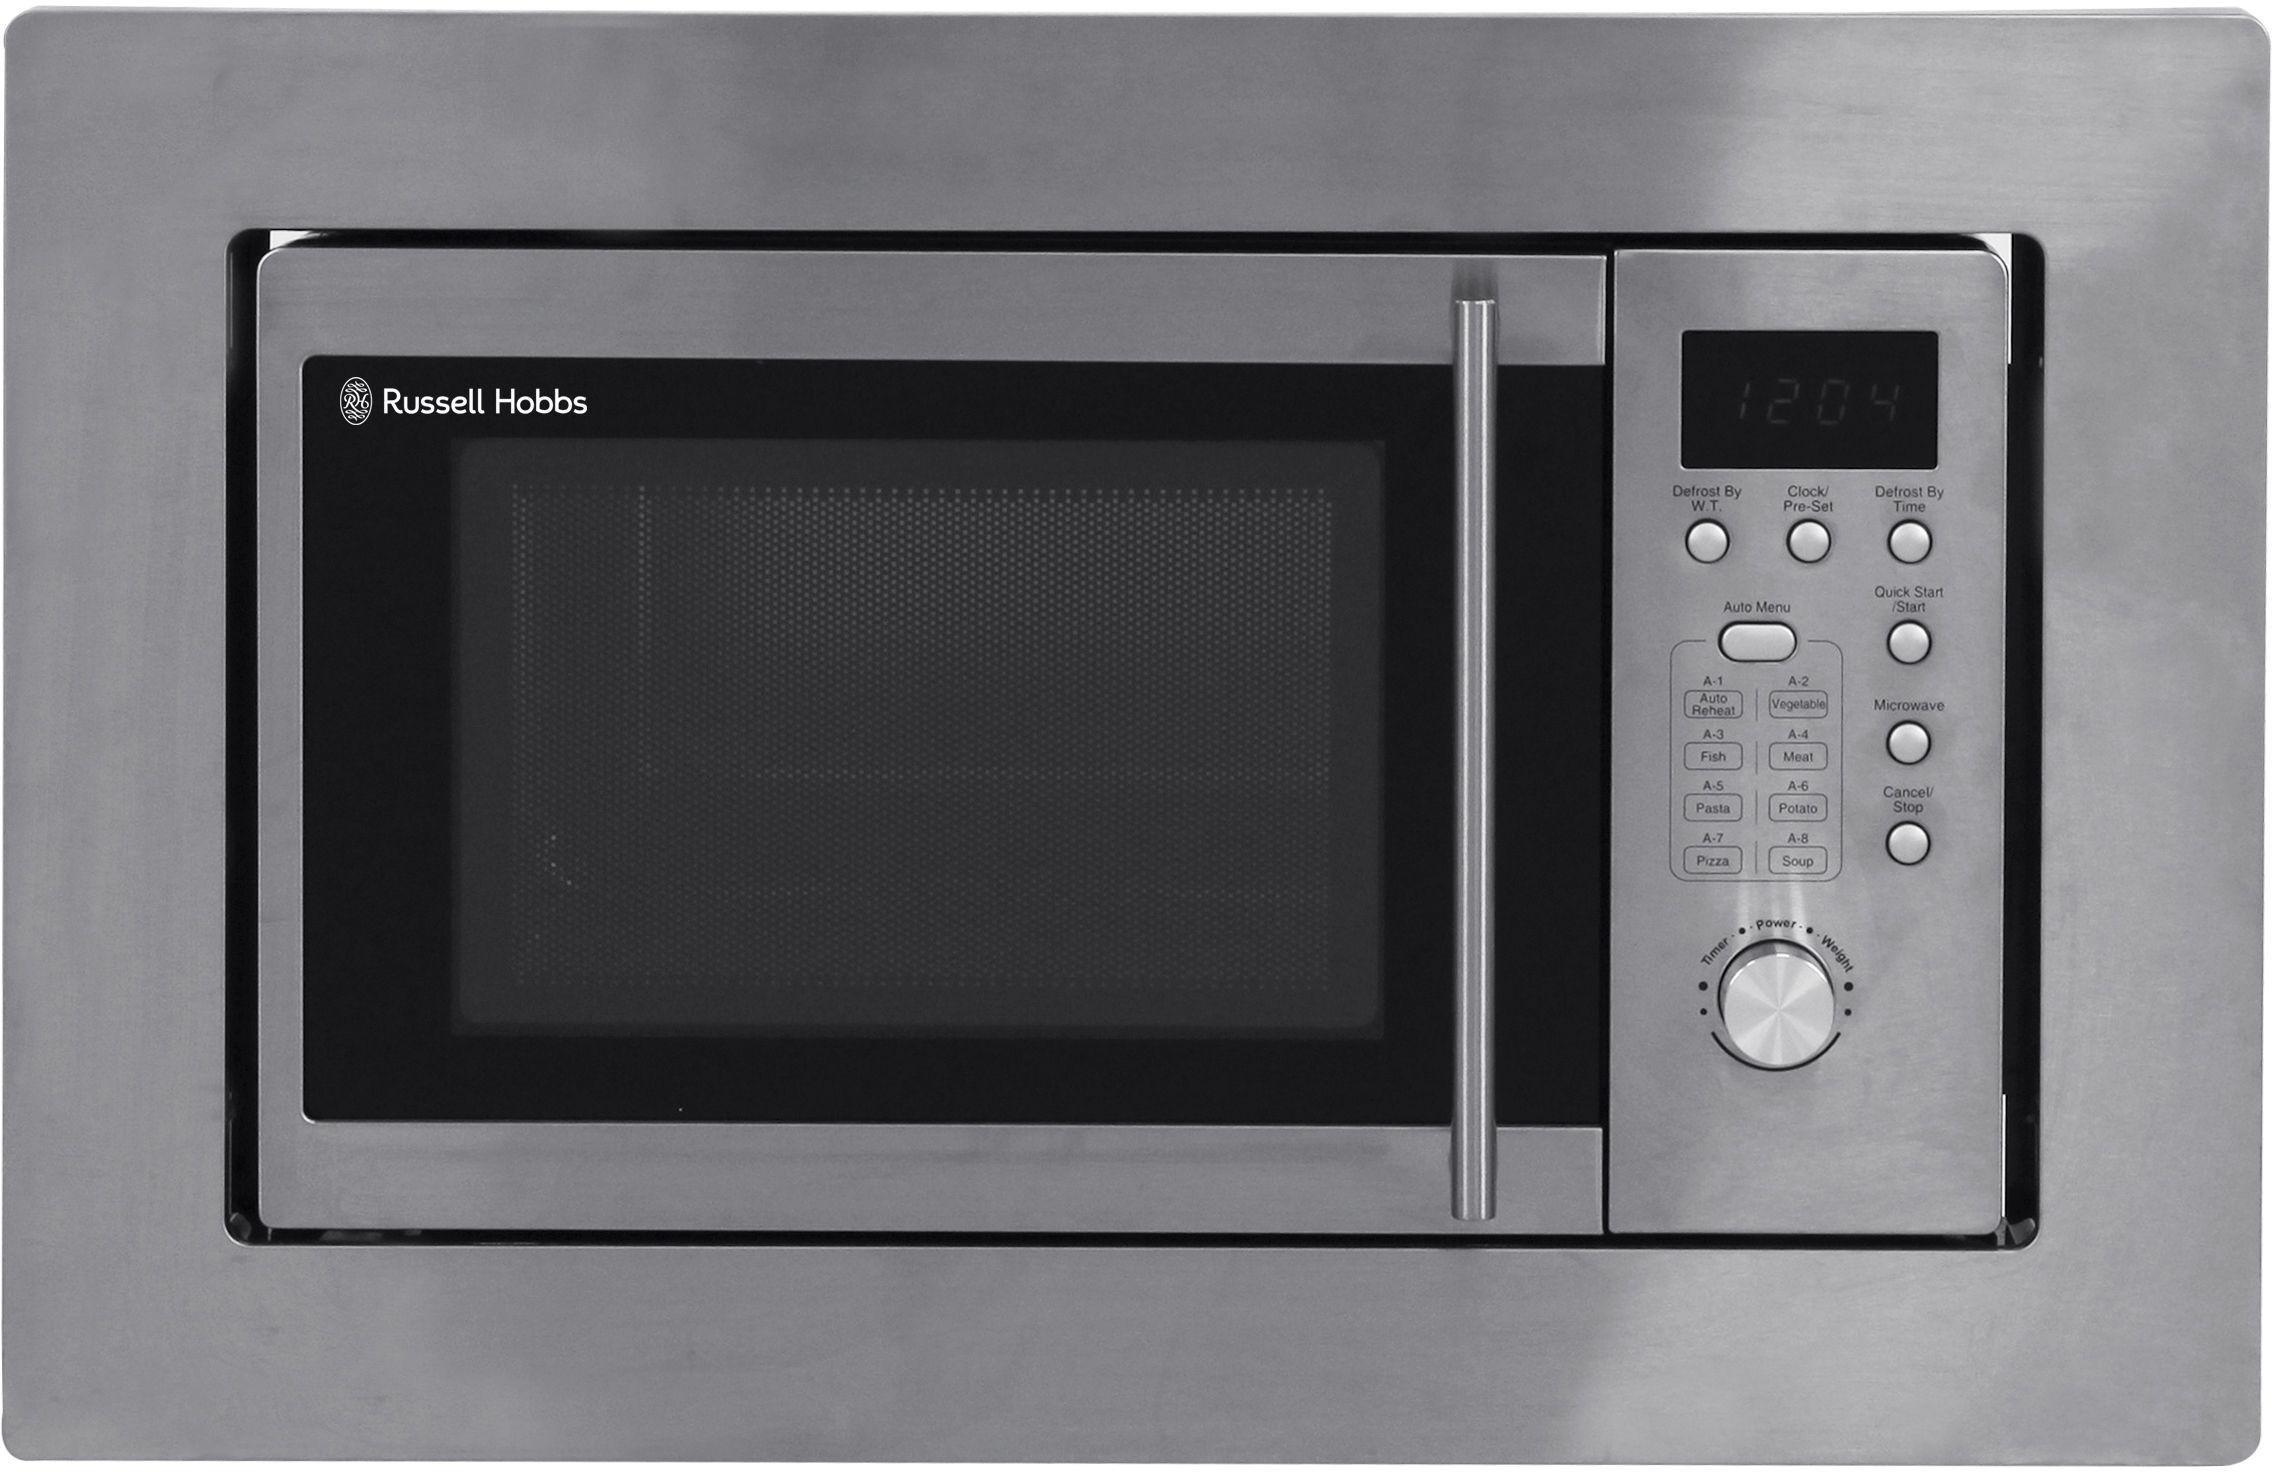 Russell Hobbs - Built-in 20 Litre Digital Microwave - S Steel